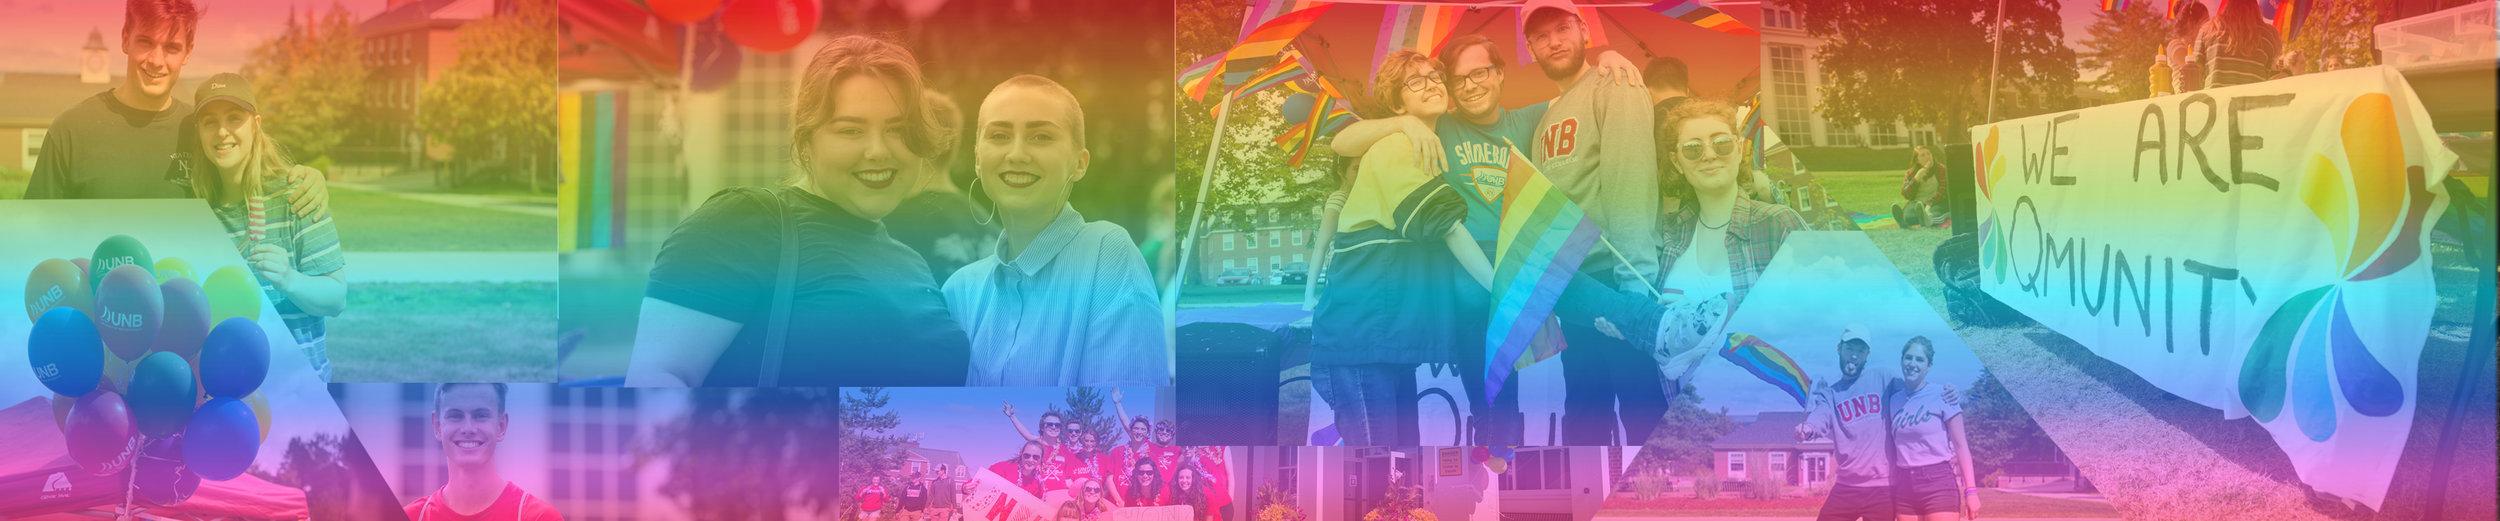 SU Pride Banner-2.jpg